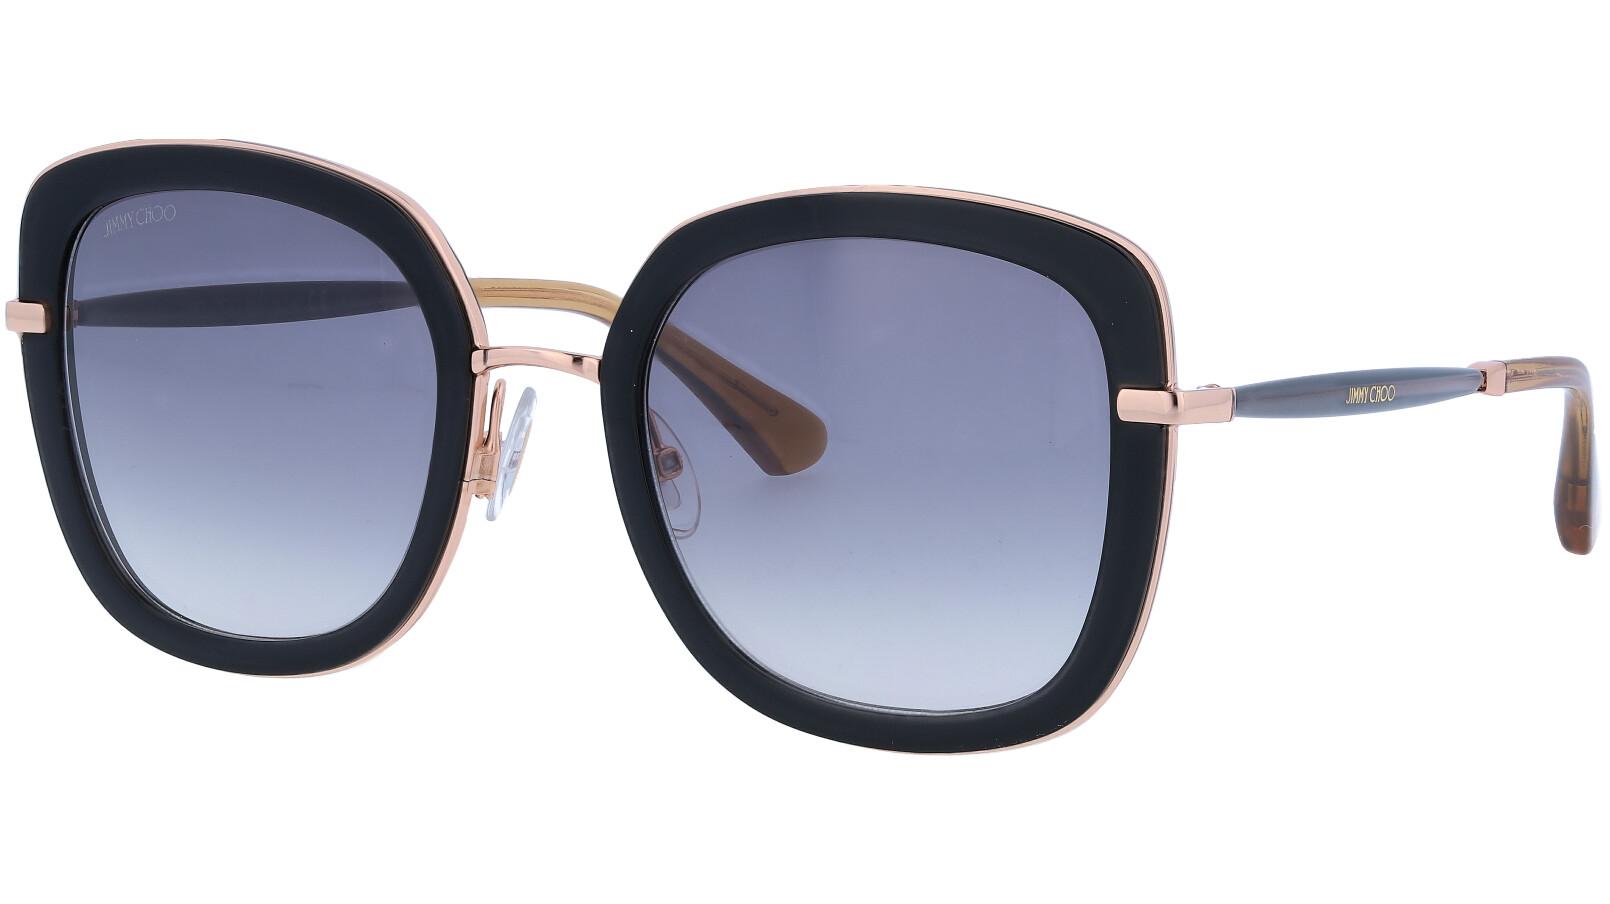 Jimmy Choo GLENNS QBQNH 52 PK Sunglasses